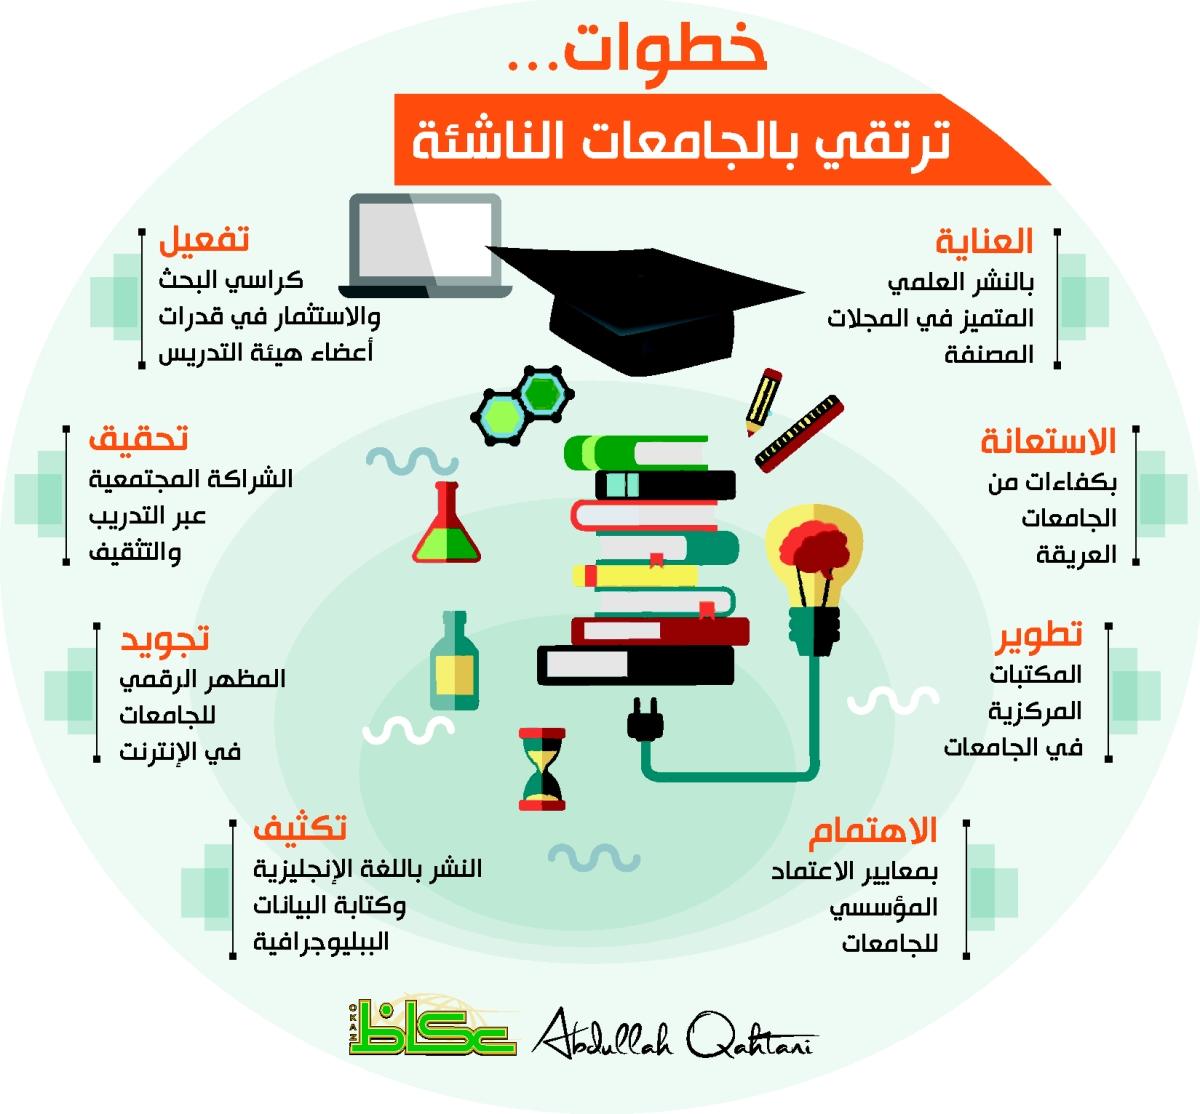 خطوات ترتقي بالجامعات الناشئة